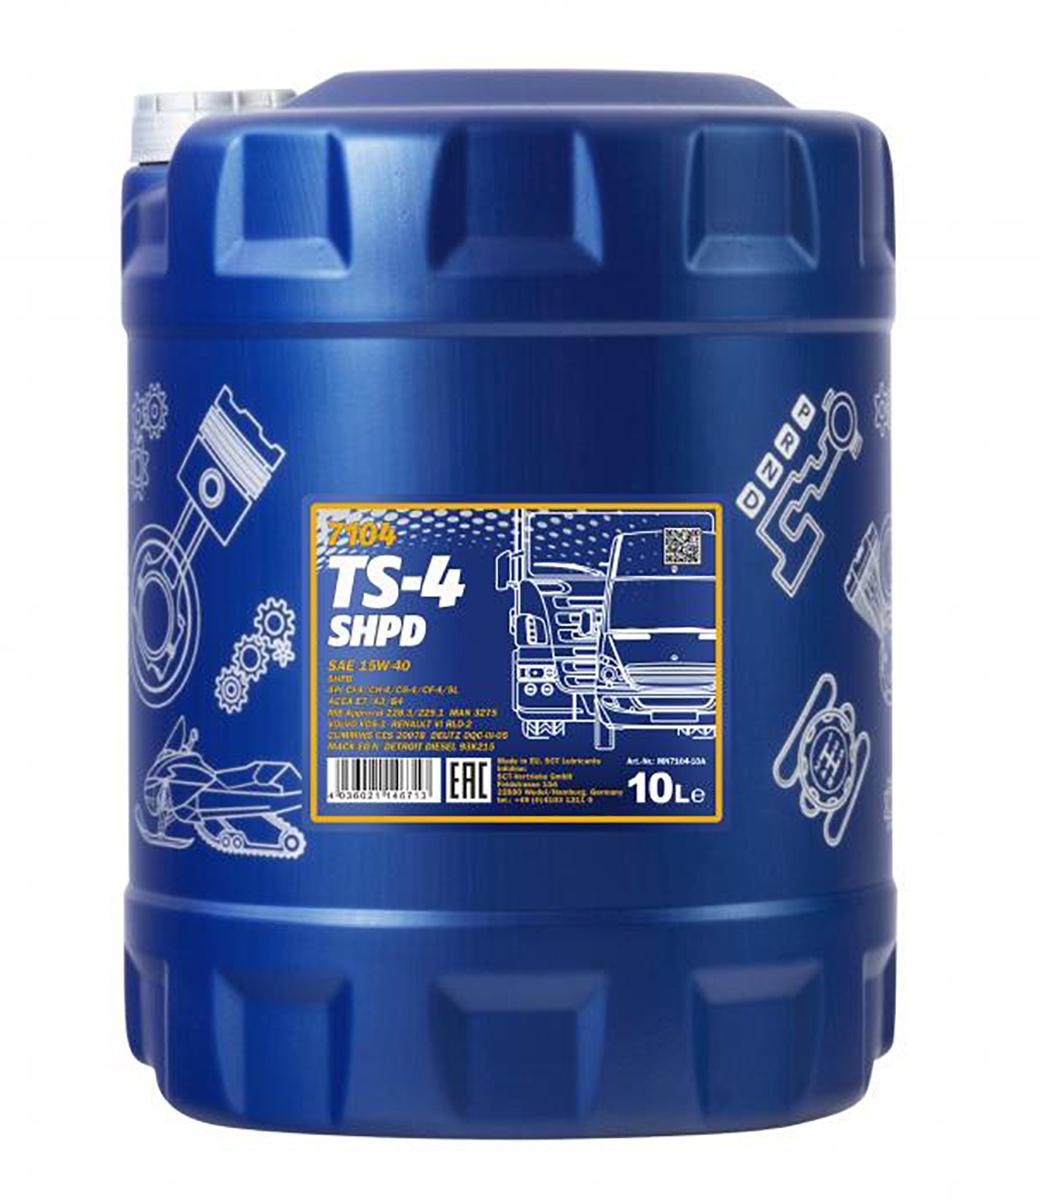 TS-4 SHPD Extra 15W-40